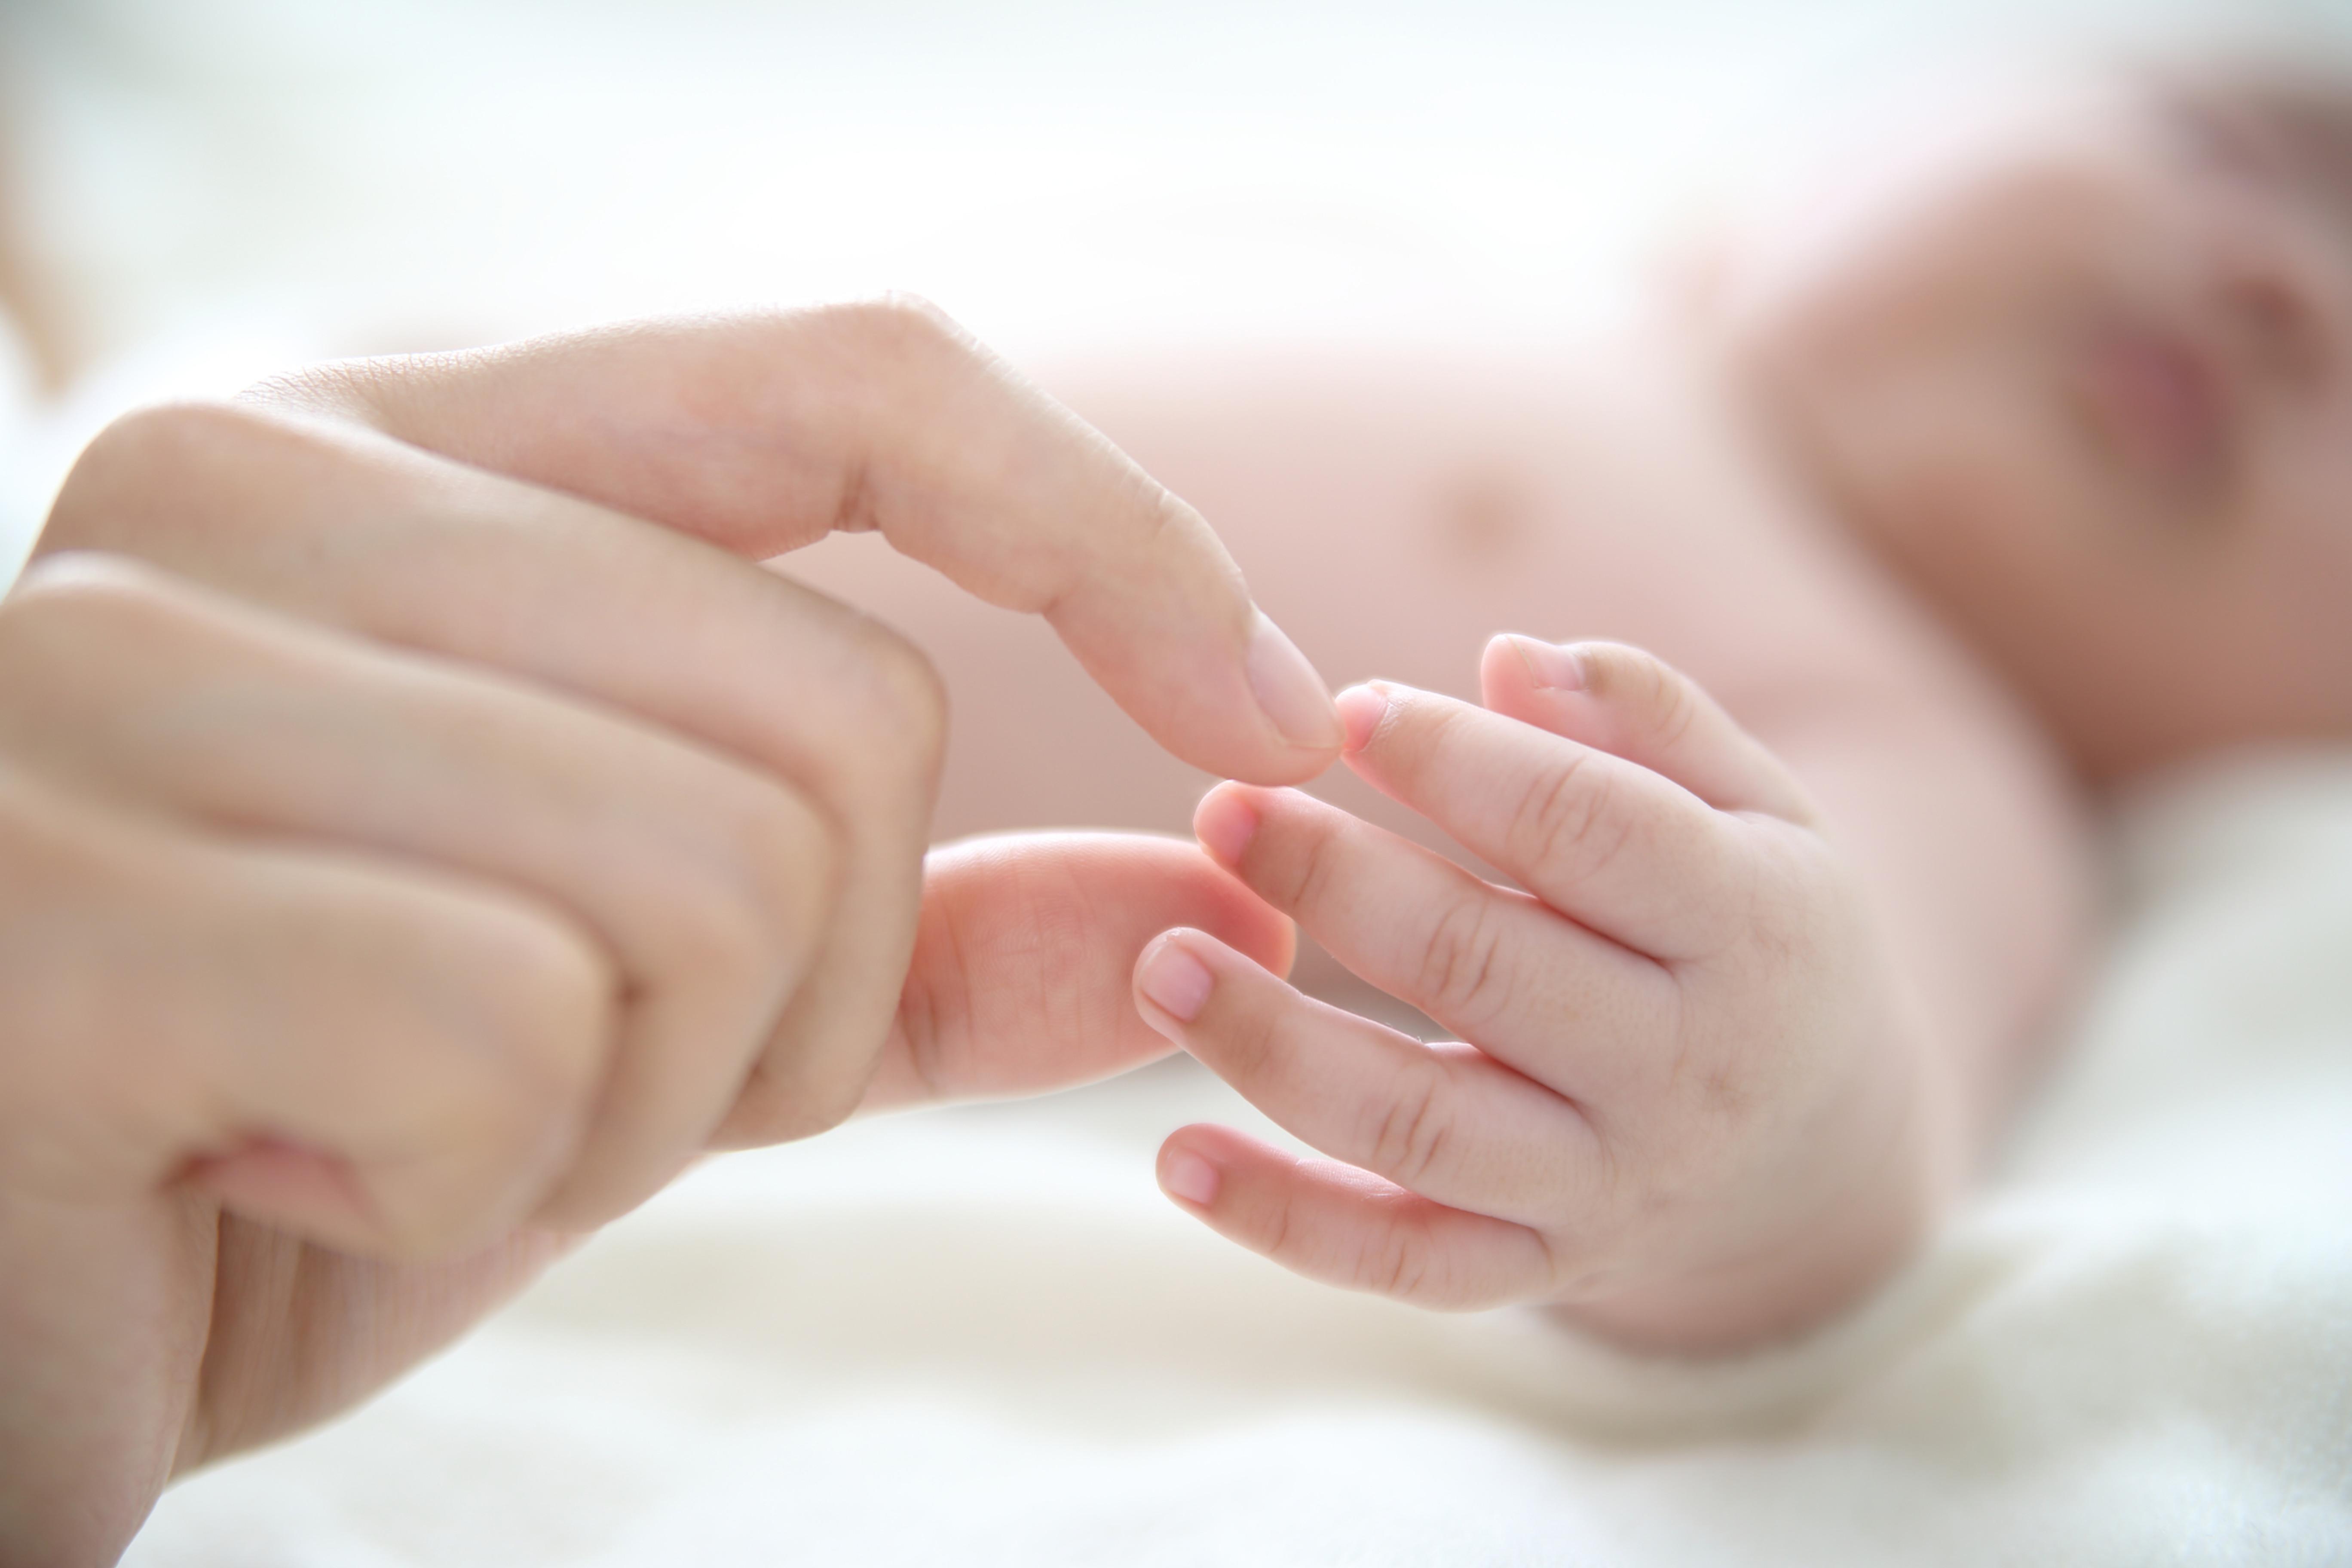 Synnytyksen jälkeinen hieronta (60 min.)